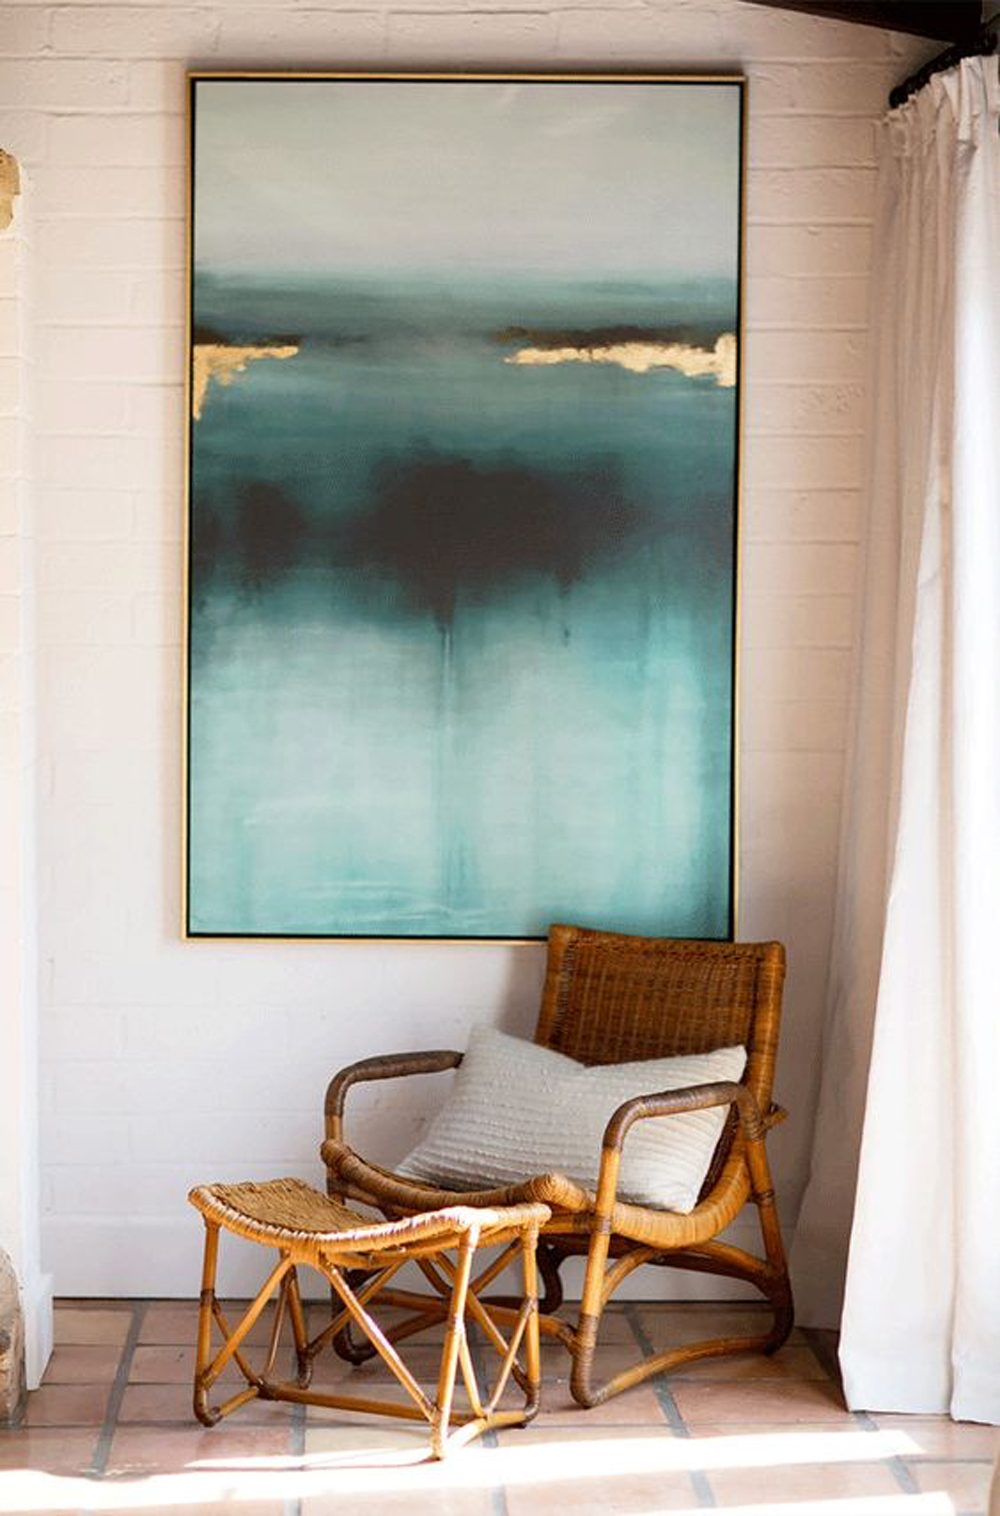 Si vous n'avez pas beaucoup d'espace, optez pour un simple rideau qui permet d'isoler votre oasis de détente du reste du salon.